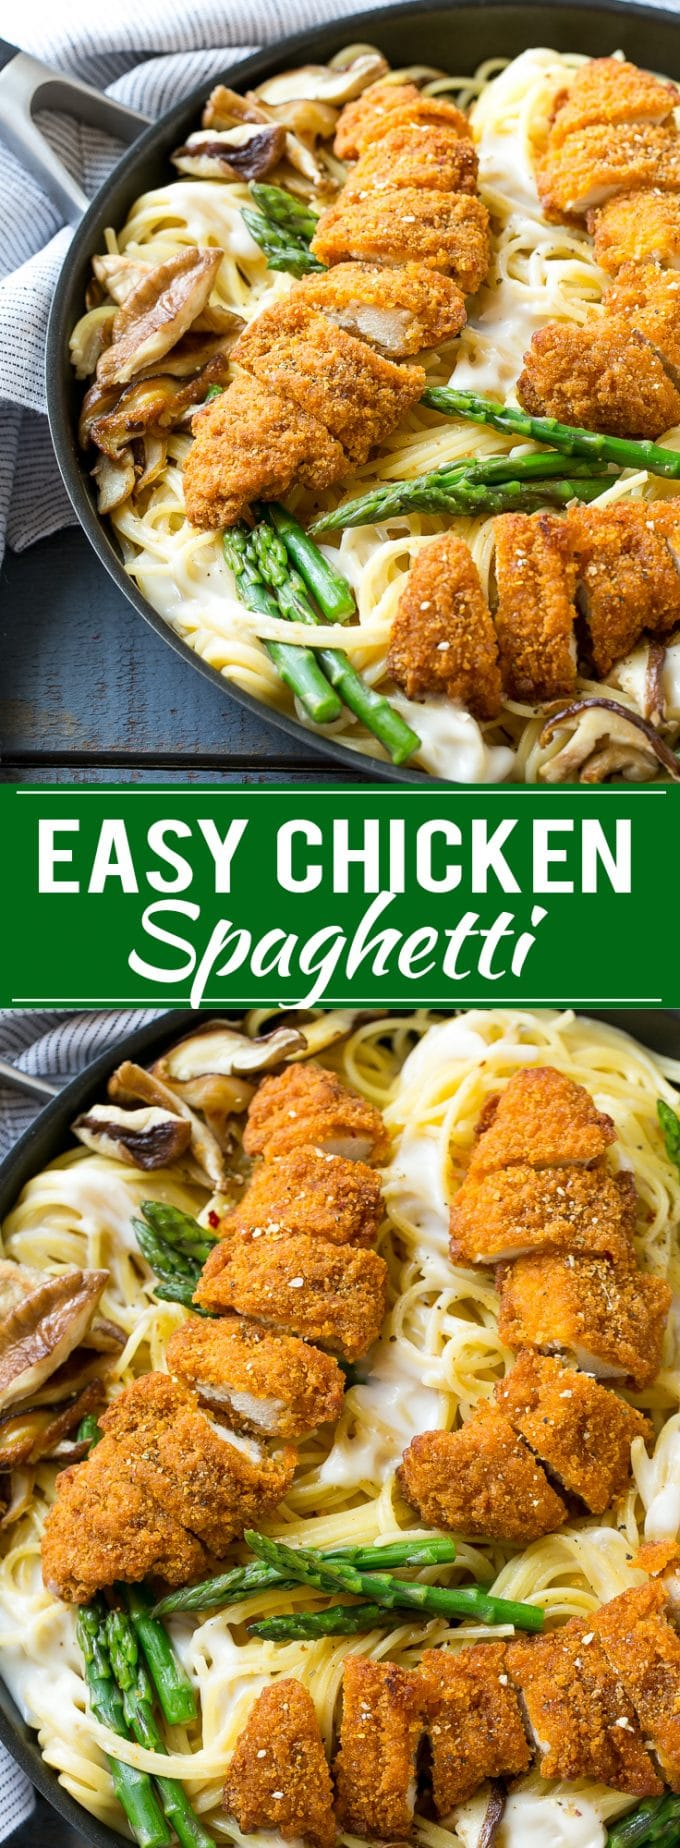 Easy Chicken Spaghetti Recipe | Chicken Pasta | Creamy Chicken Pasta | Spaghetti Recipe